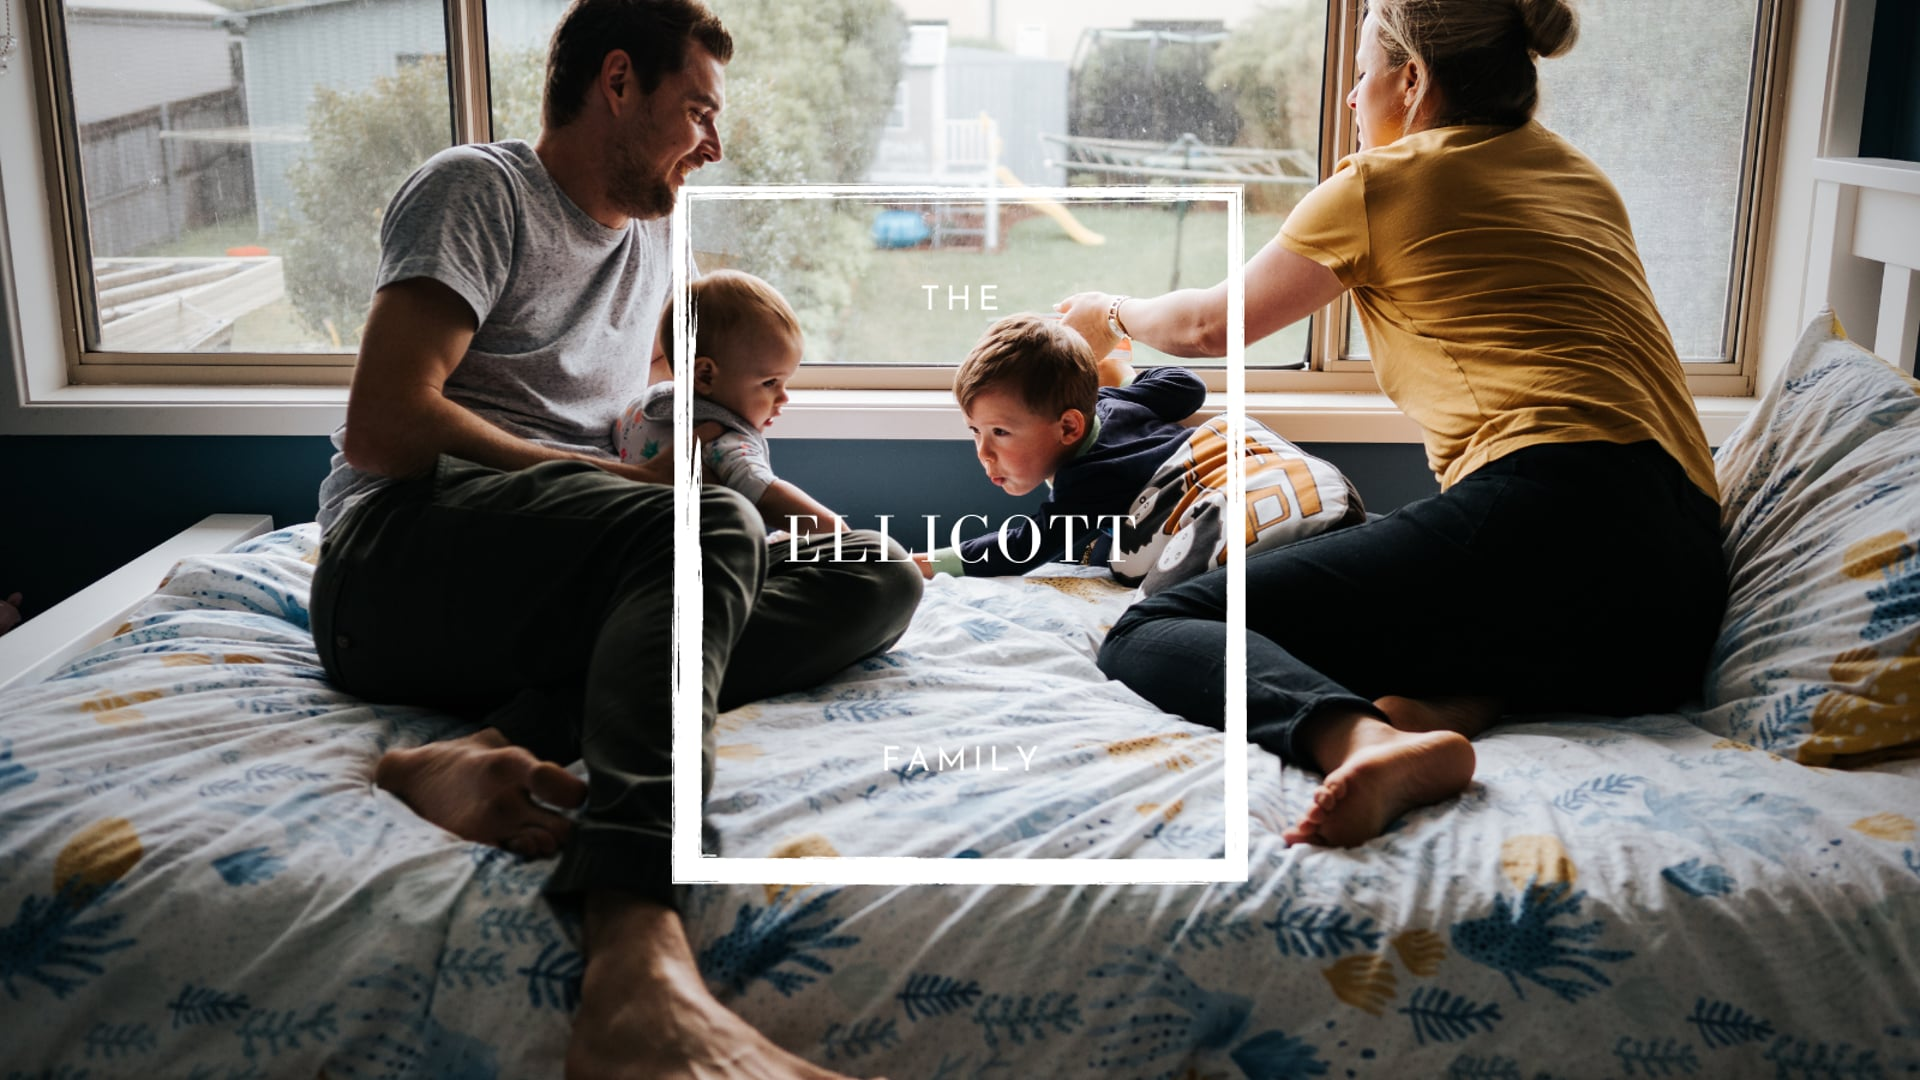 The Ellicott Family Film 2020